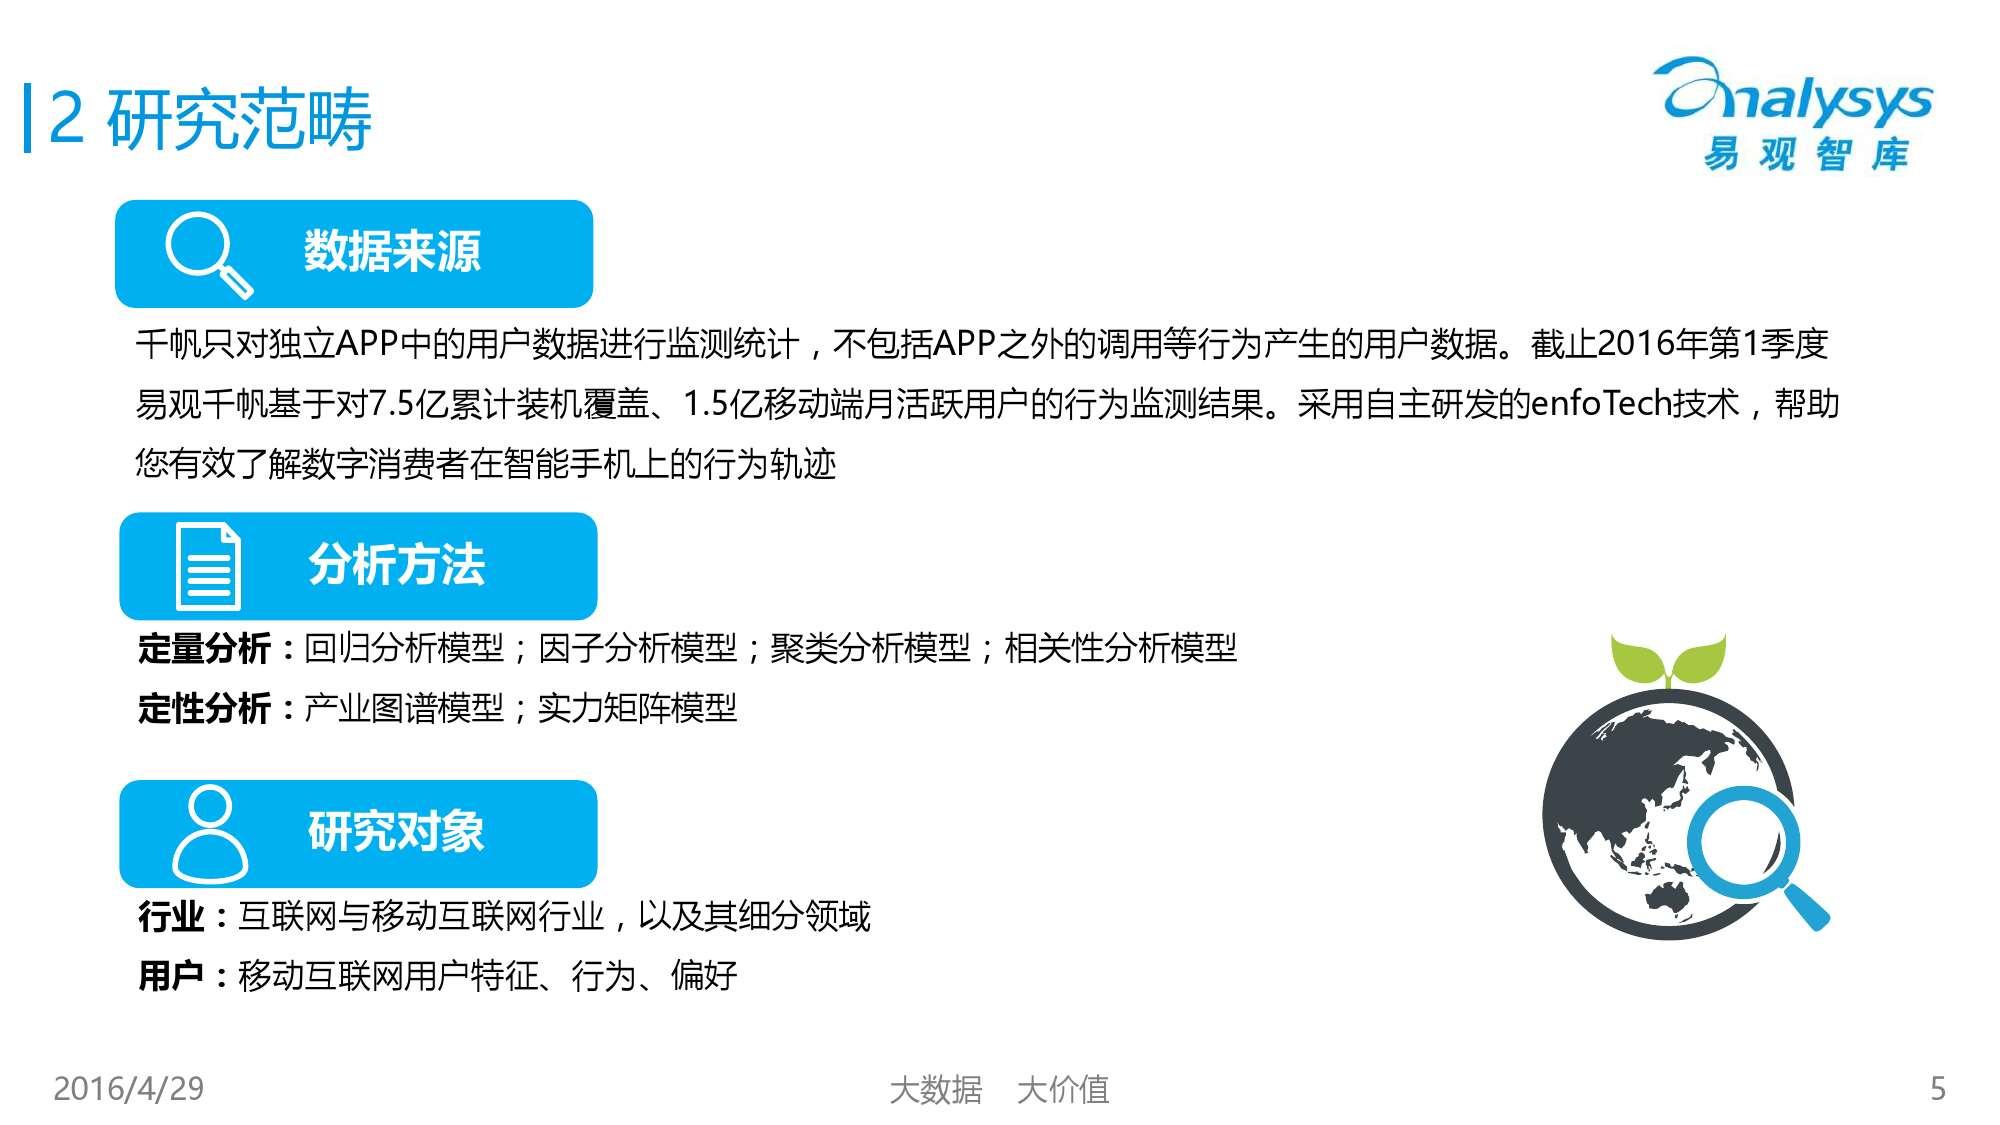 中国移动互联网用户行为统计报告2016_000005